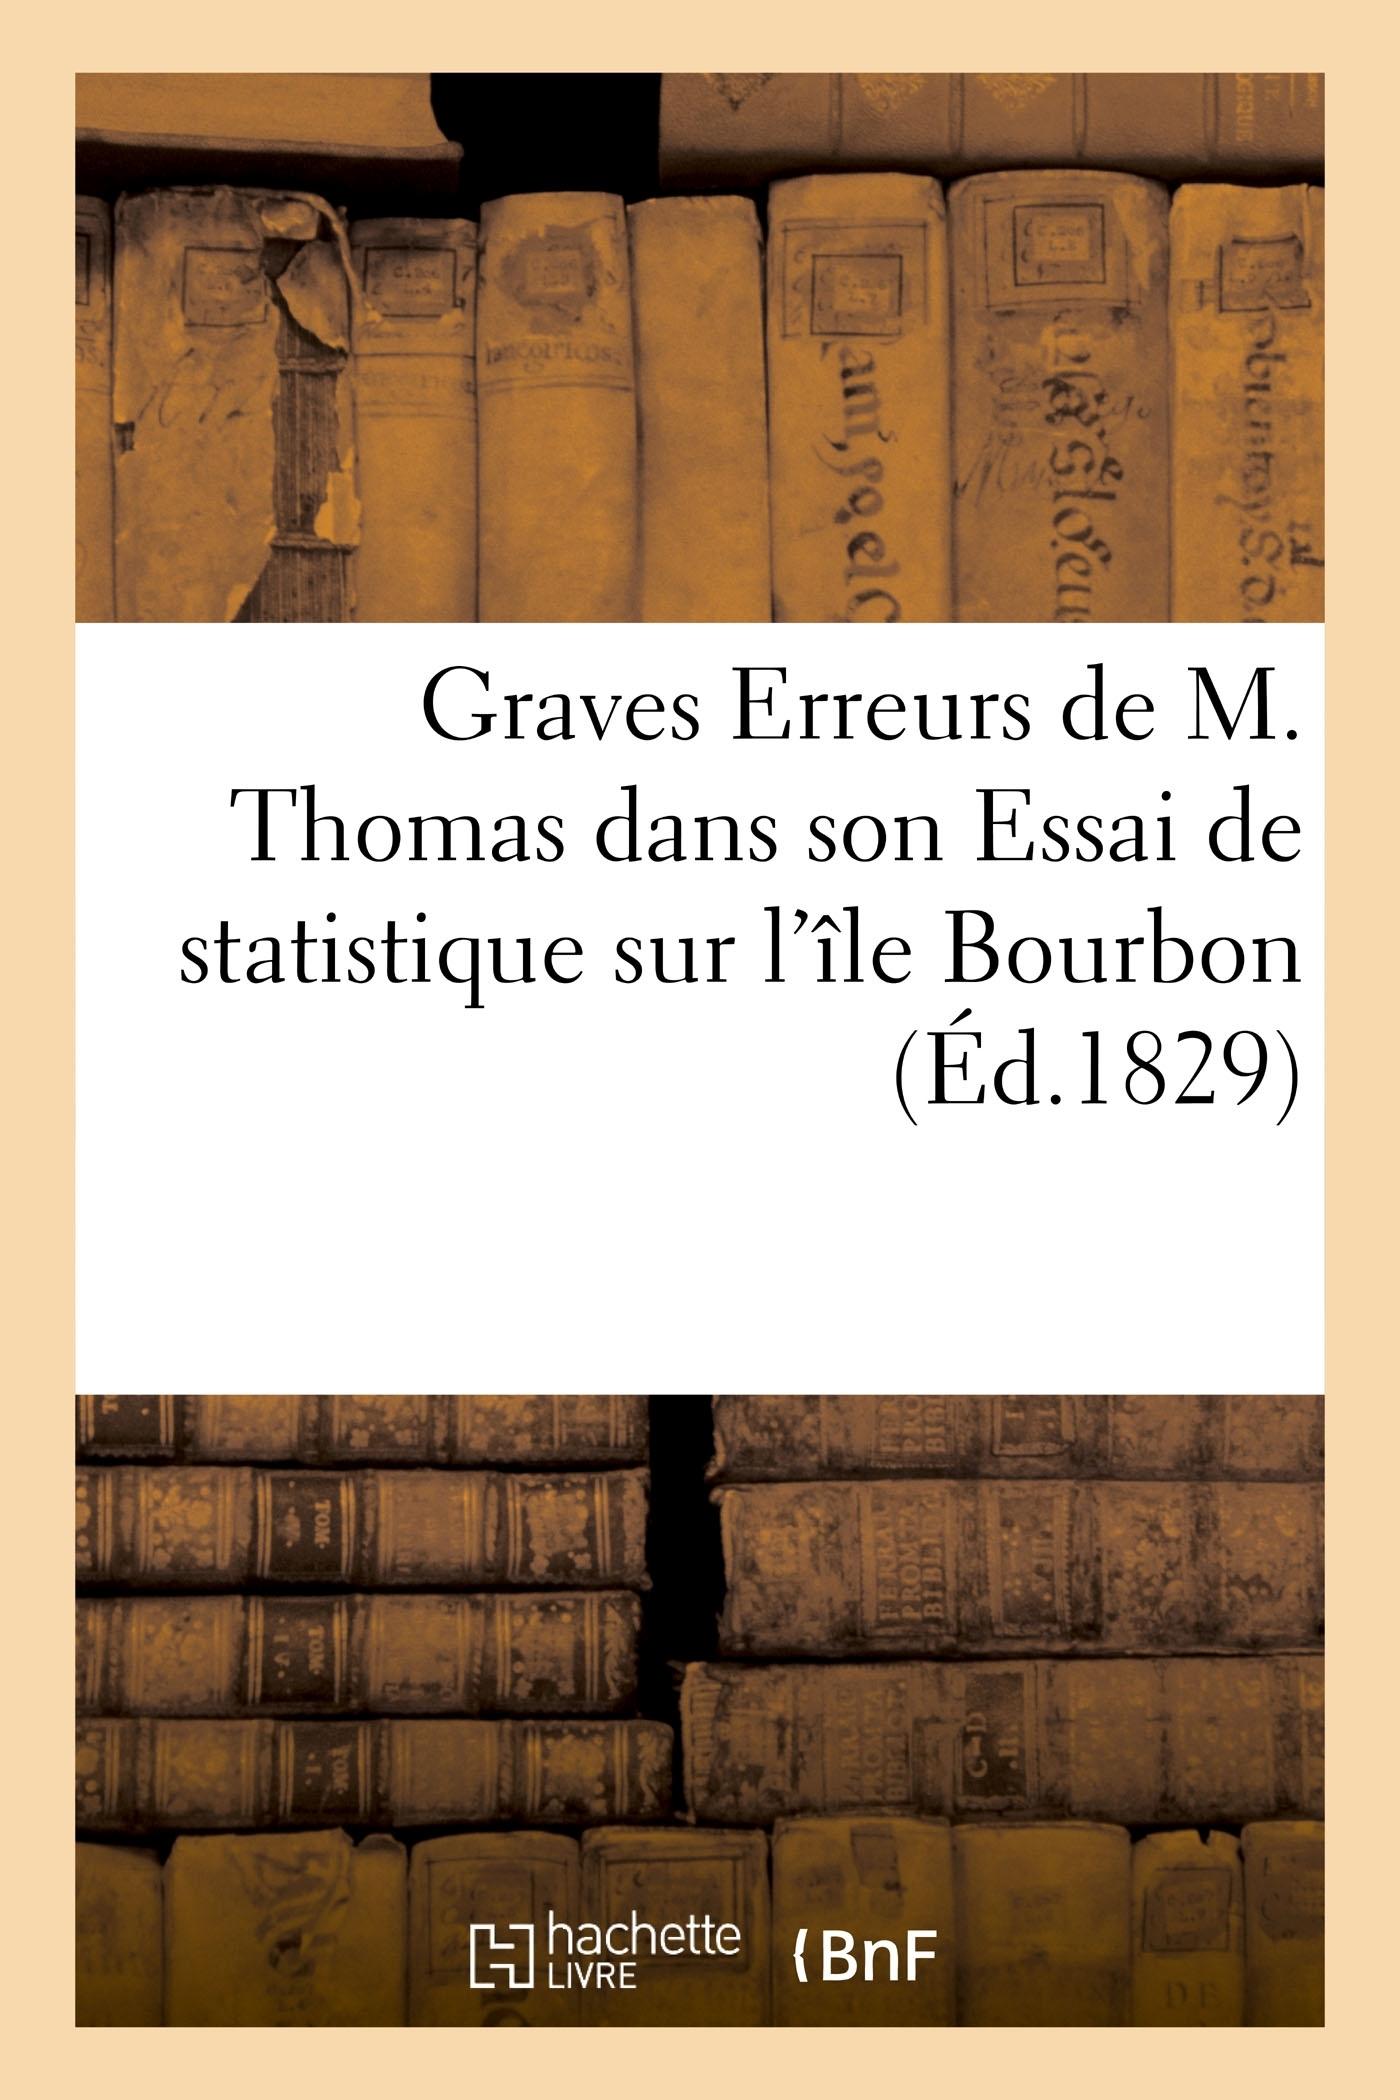 GRAVES ERREURS DE M. THOMAS DANS SON ESSAI DE STATISTIQUE SUR L'ILE BOURBON - NOTE NECESSAIRE AUX CO